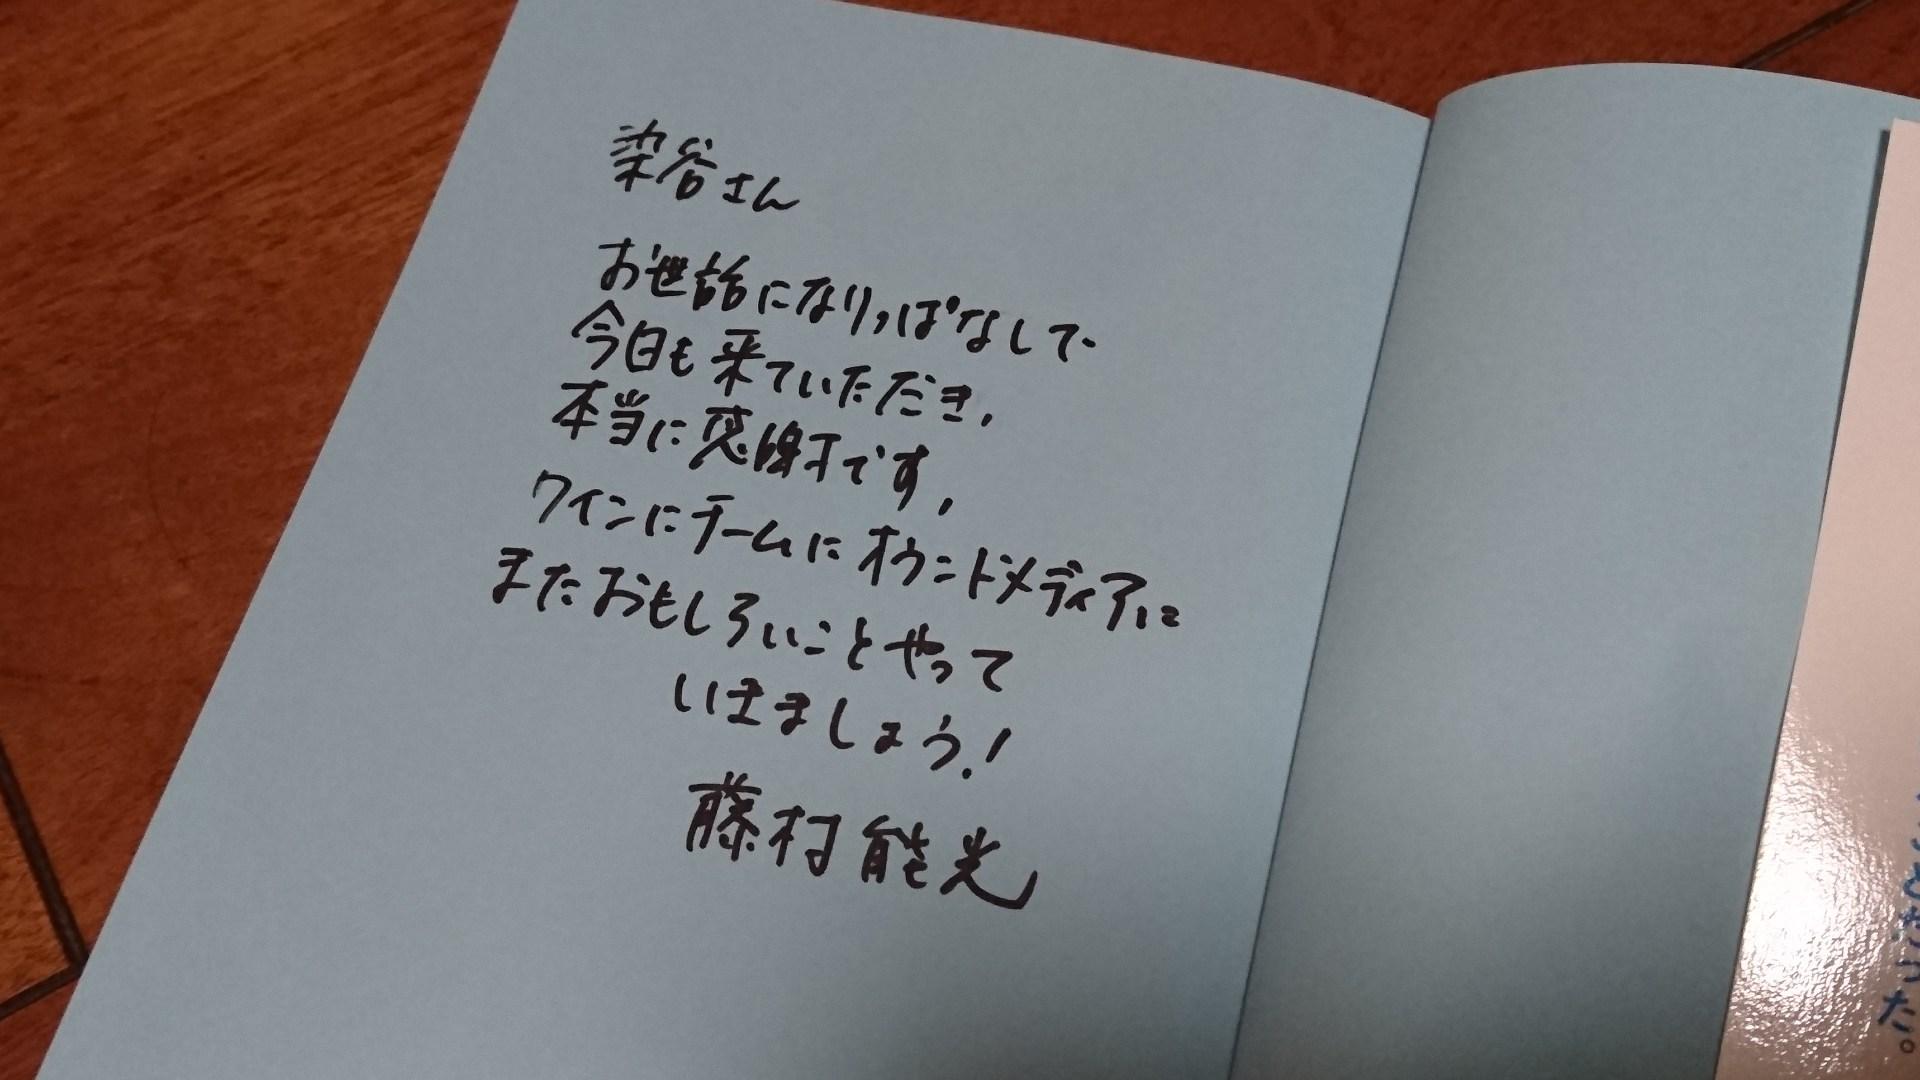 サイボウズ式編集長 藤村さんの著書『「未来のチーム」の作り方』を読んで、暑苦しく感想書きました